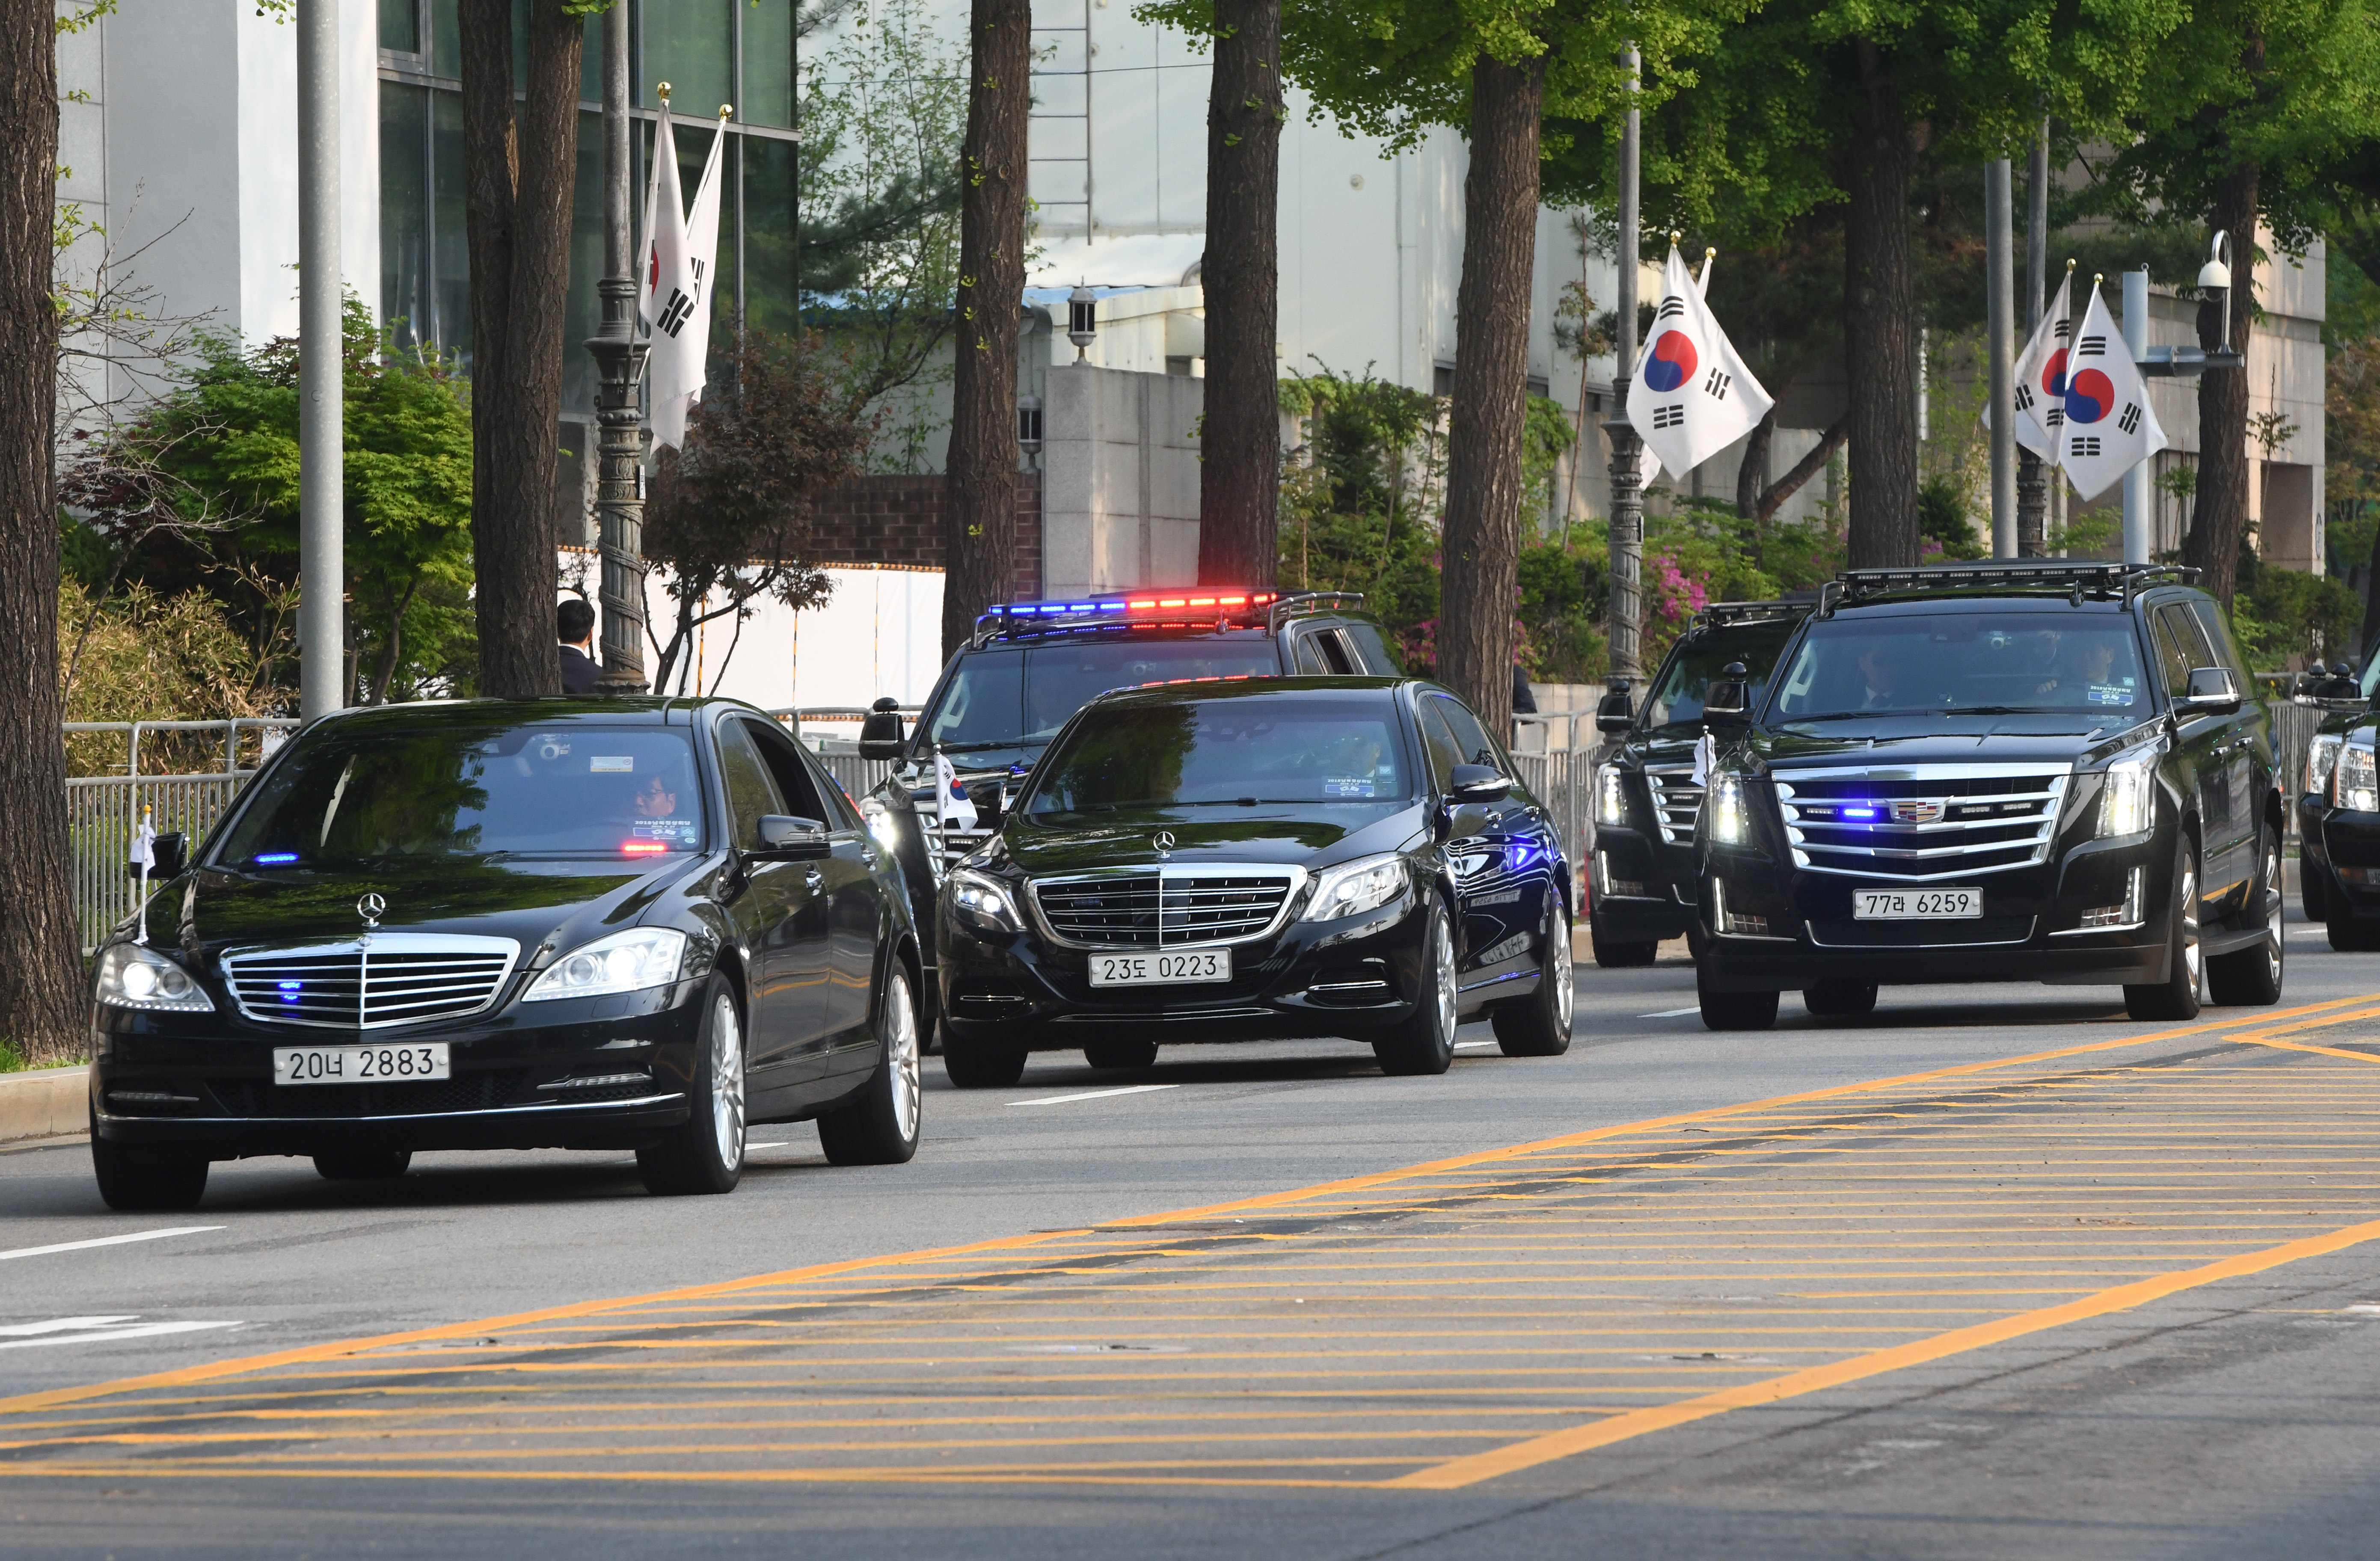 موكب رئيس كوريا الجنوبية يتوجه للقاء زعيم كوريا الشمالية